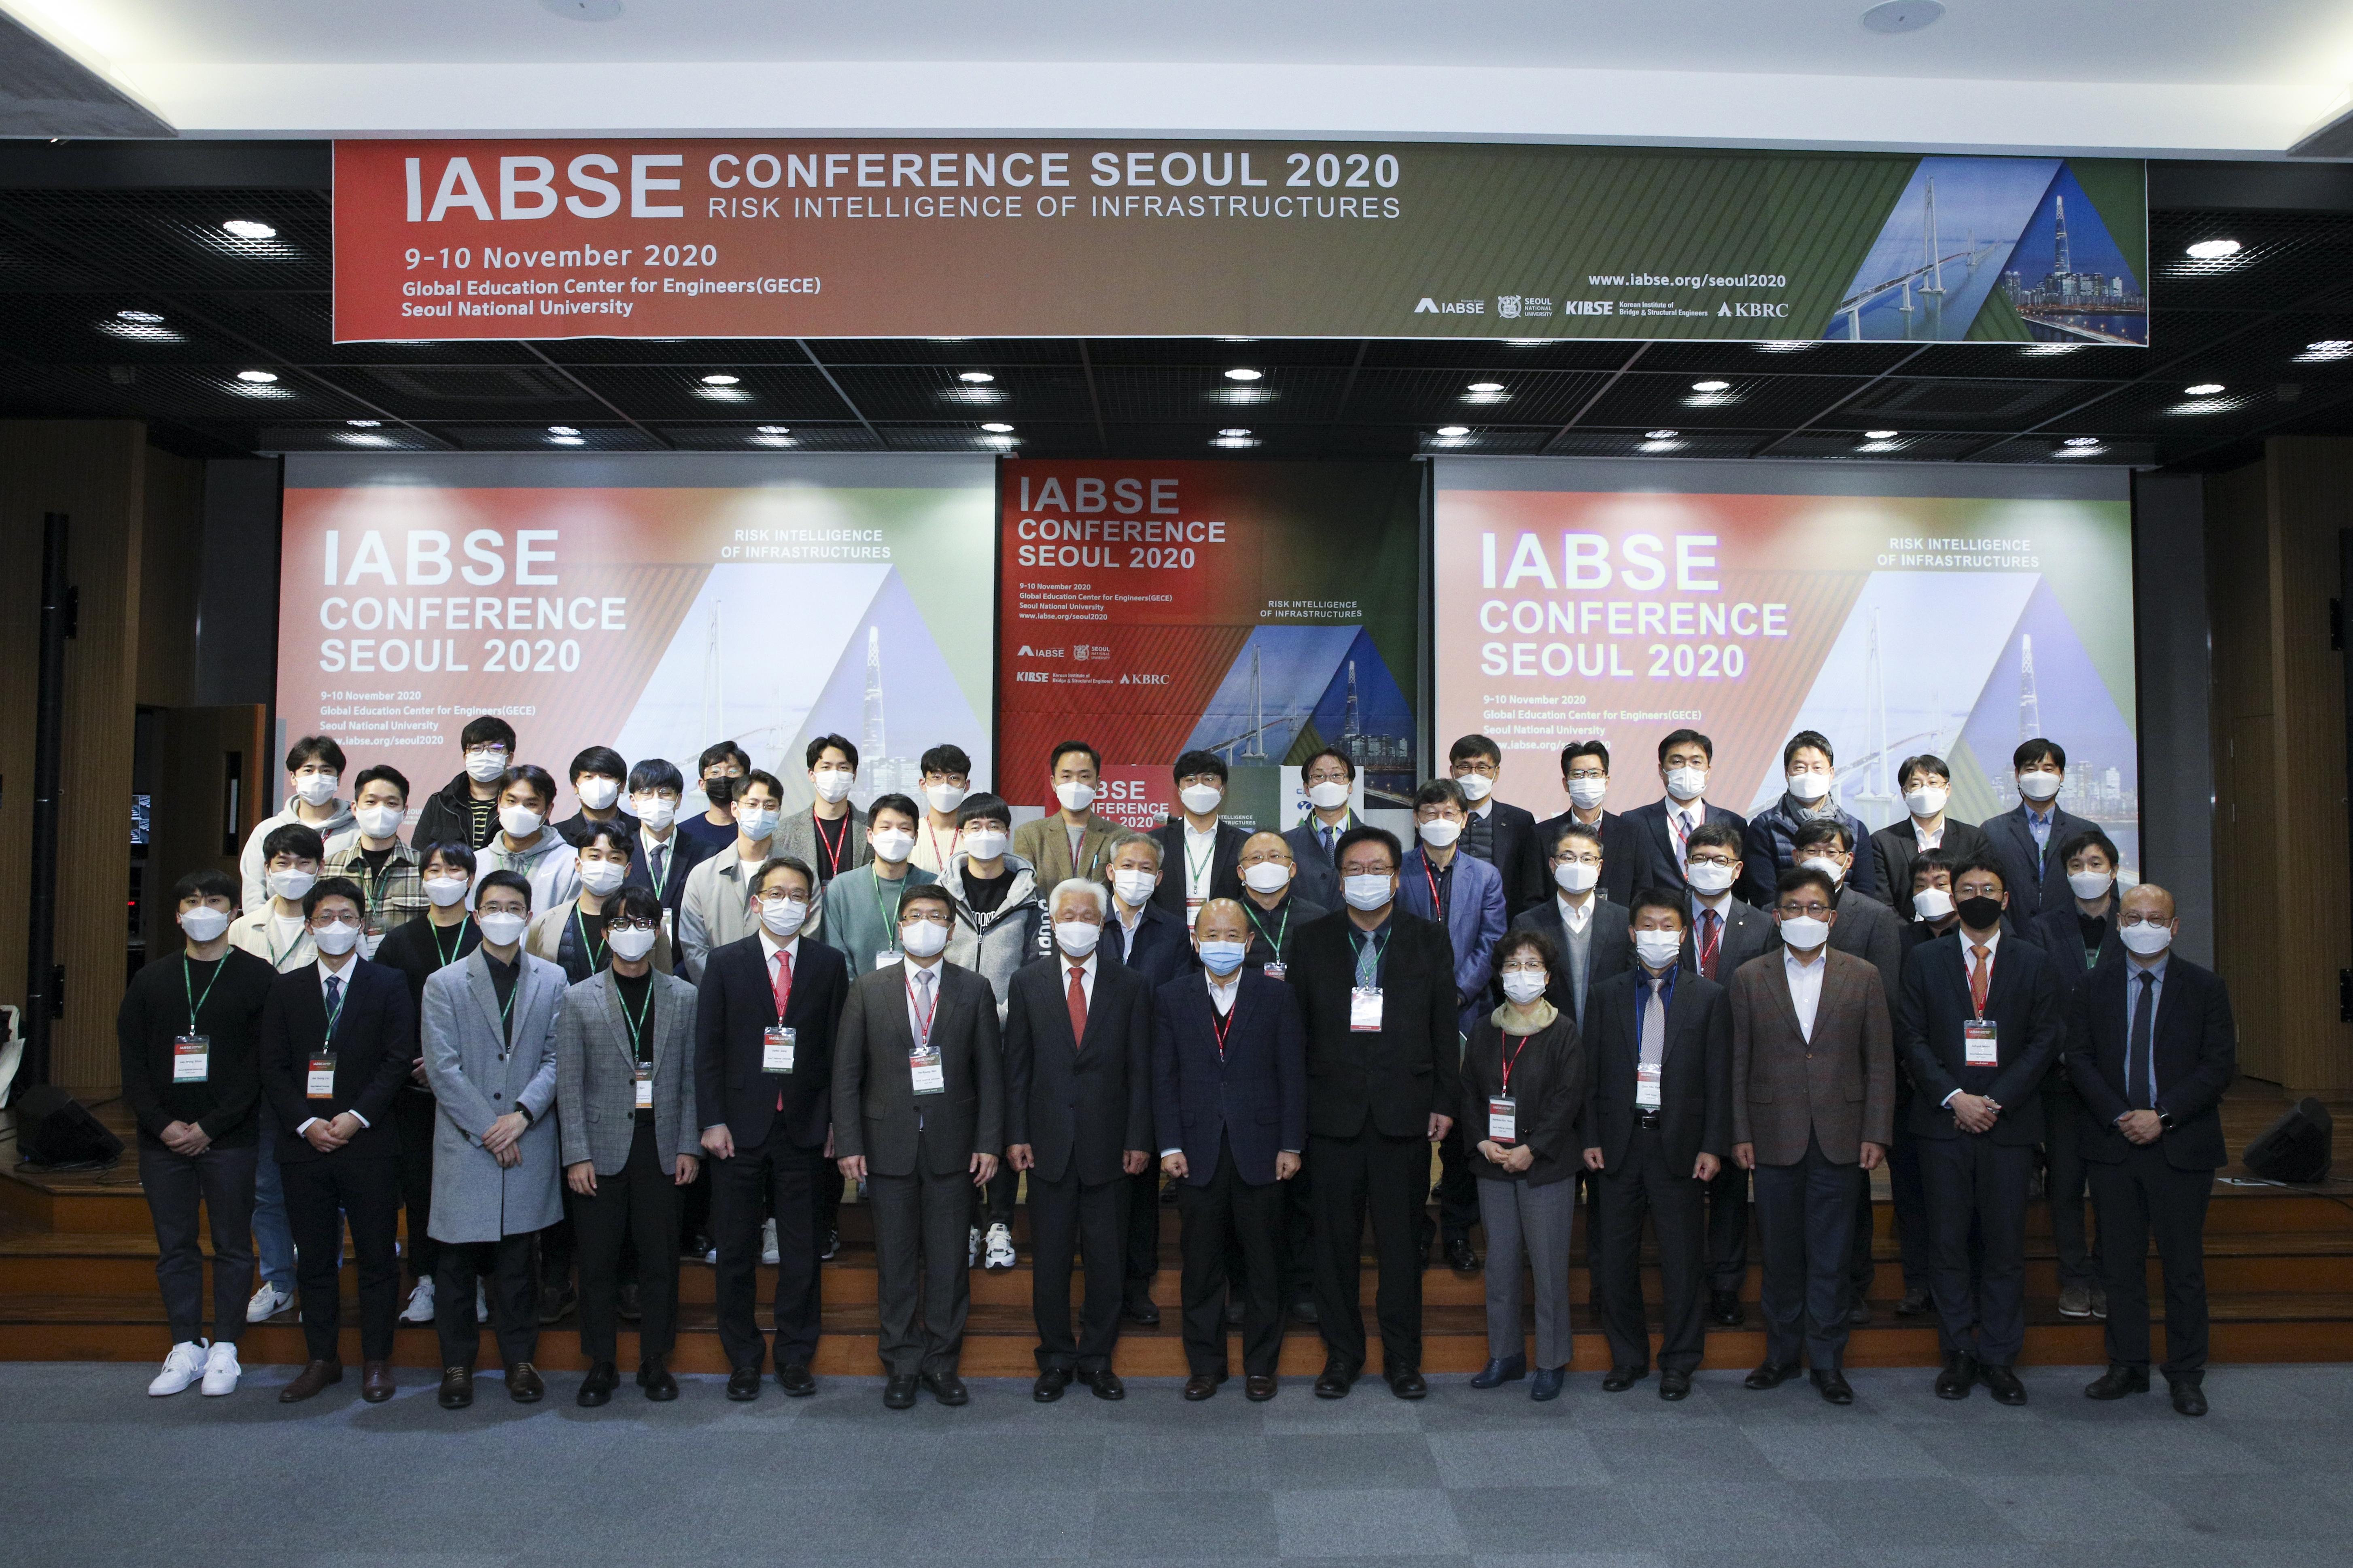 이압세 컨퍼런스(2020).jpg